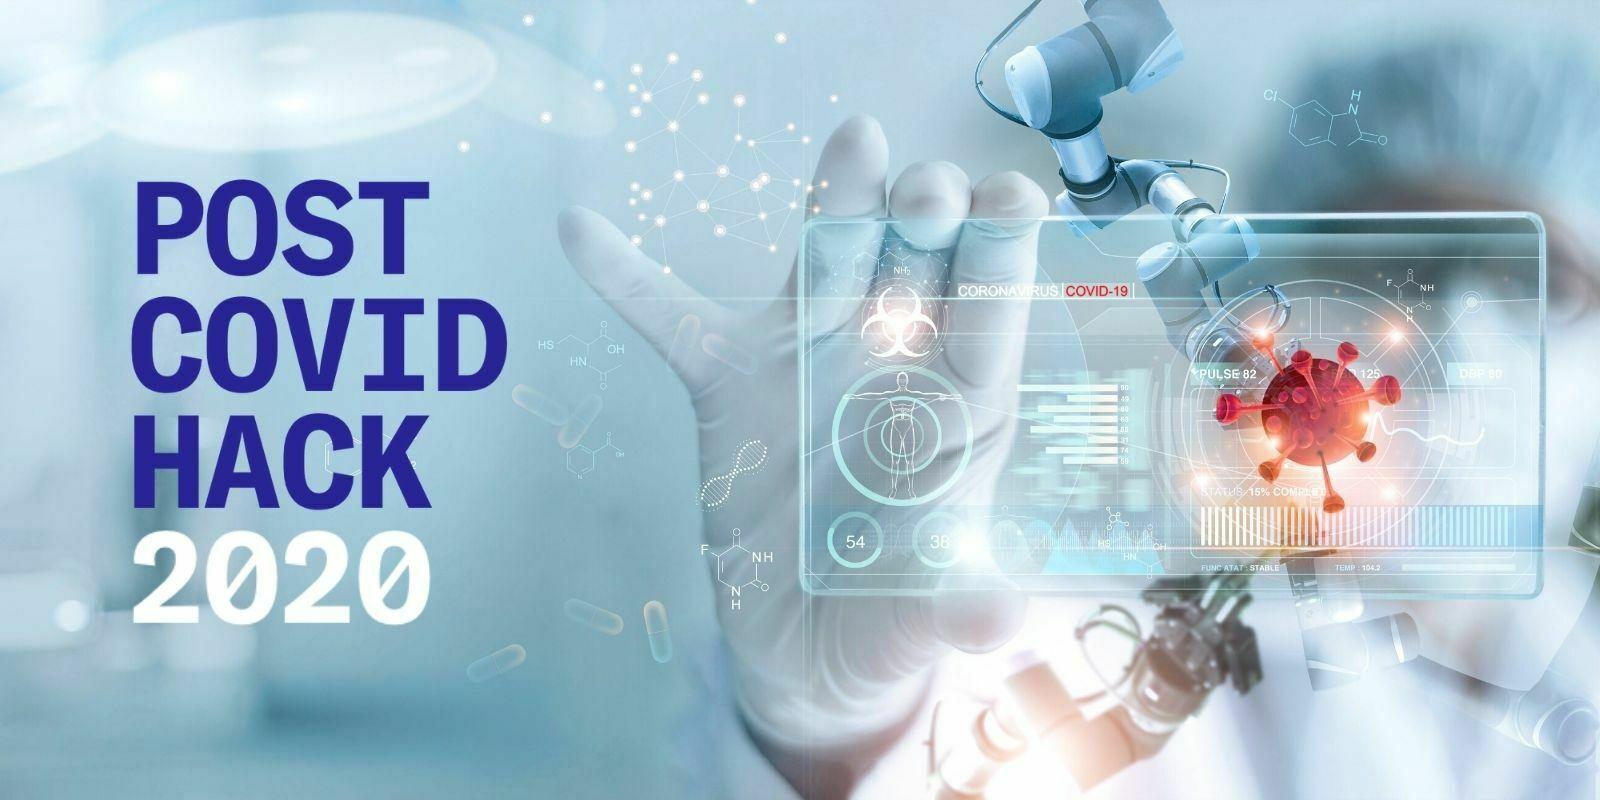 Post Covid Hack 2020 : un hackathon blockchain pour l'ère post-covid